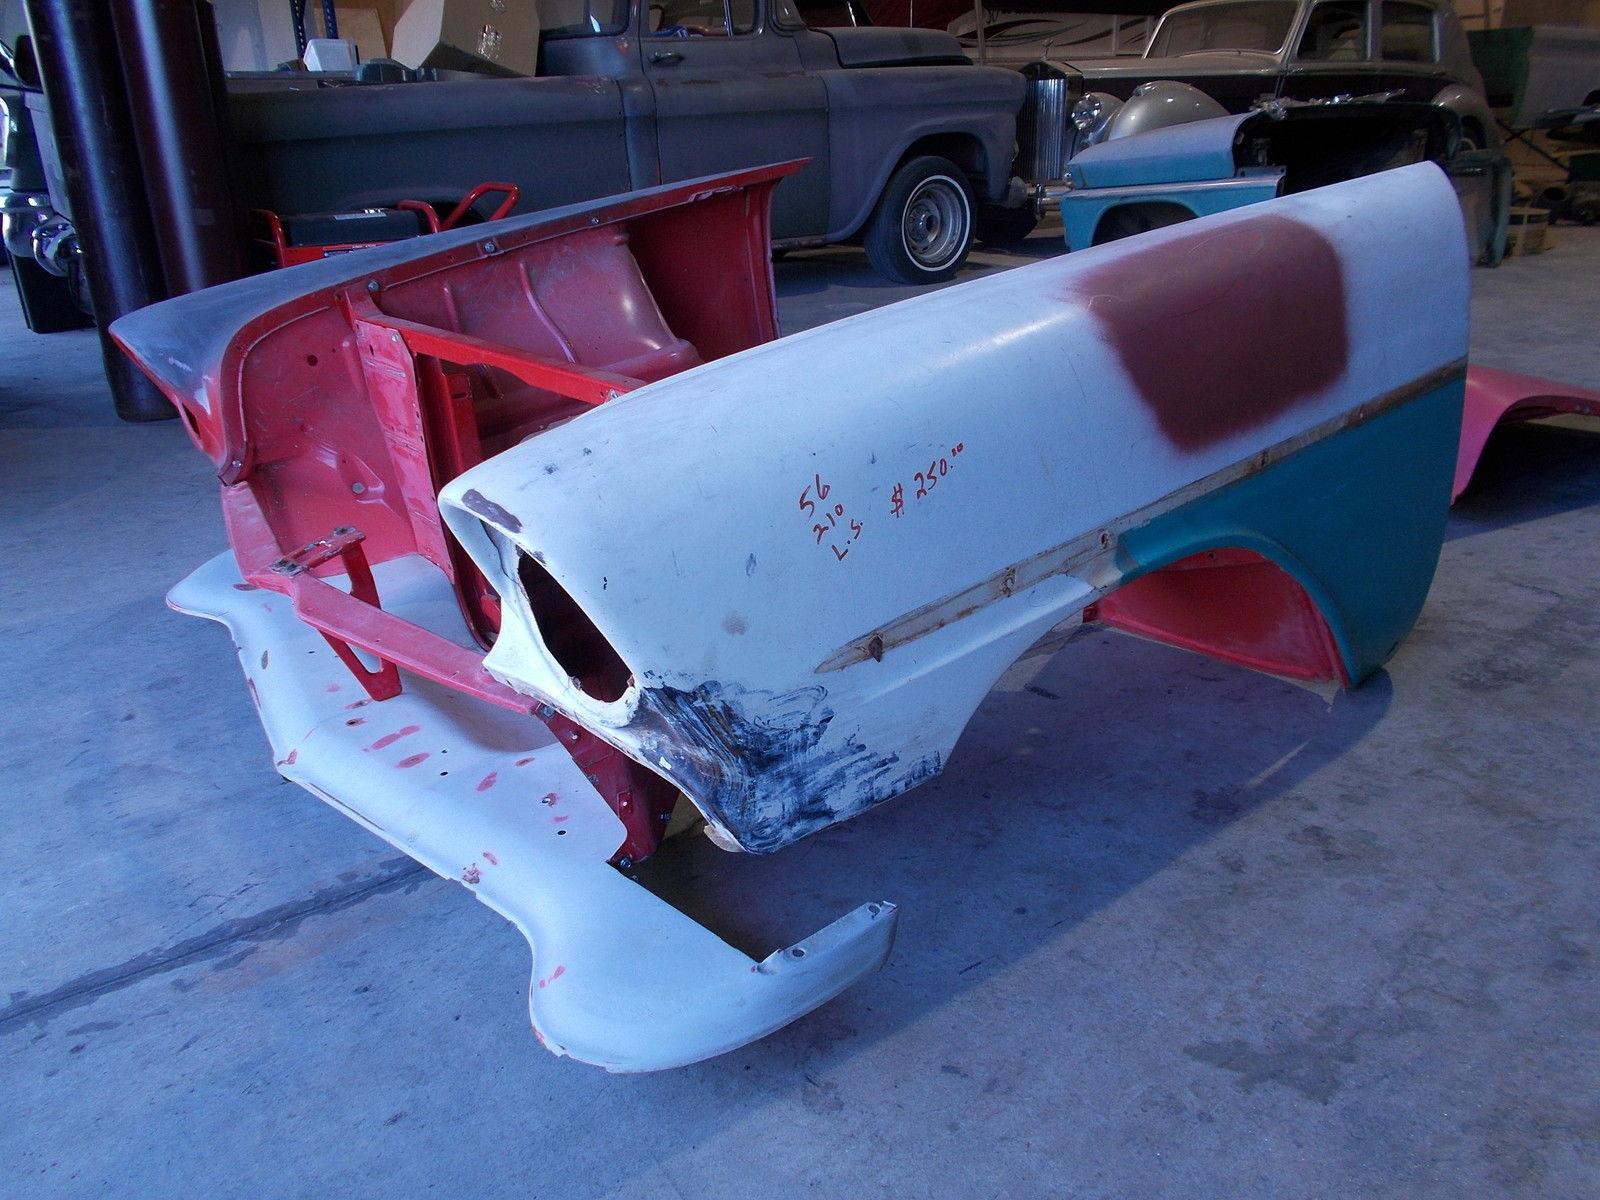 1956 Chevrolet Bel Air Sport Coupe 2 Door Hardtop Project Car